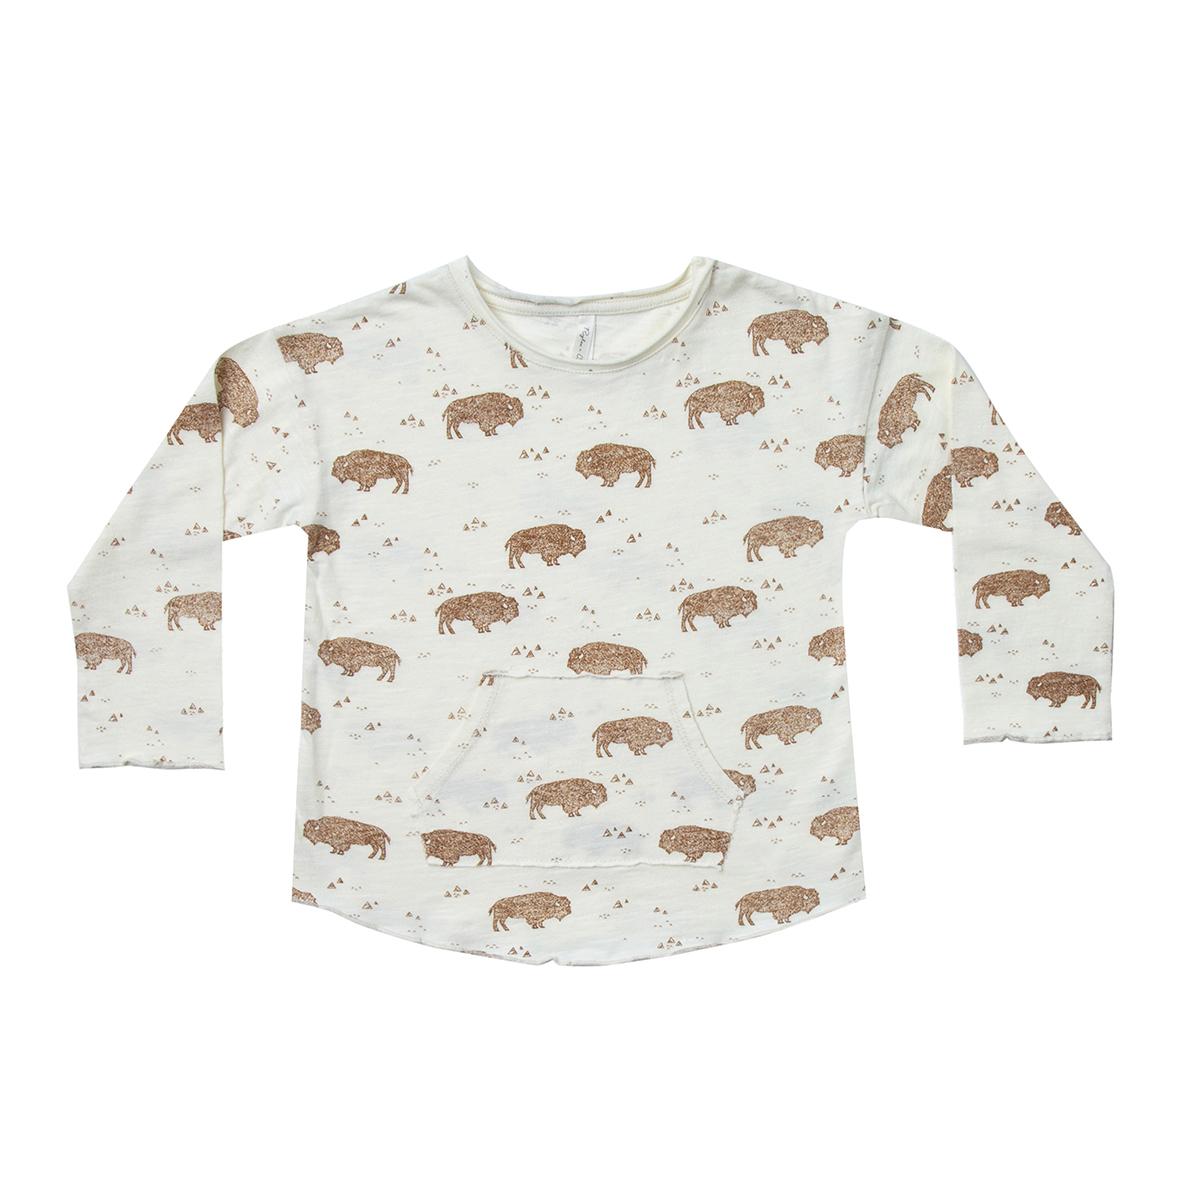 Haut bébé T-shirt Buffalo Ivoire - 12/18 Mois T-shirt Buffalo Ivoire - 12/18 Mois